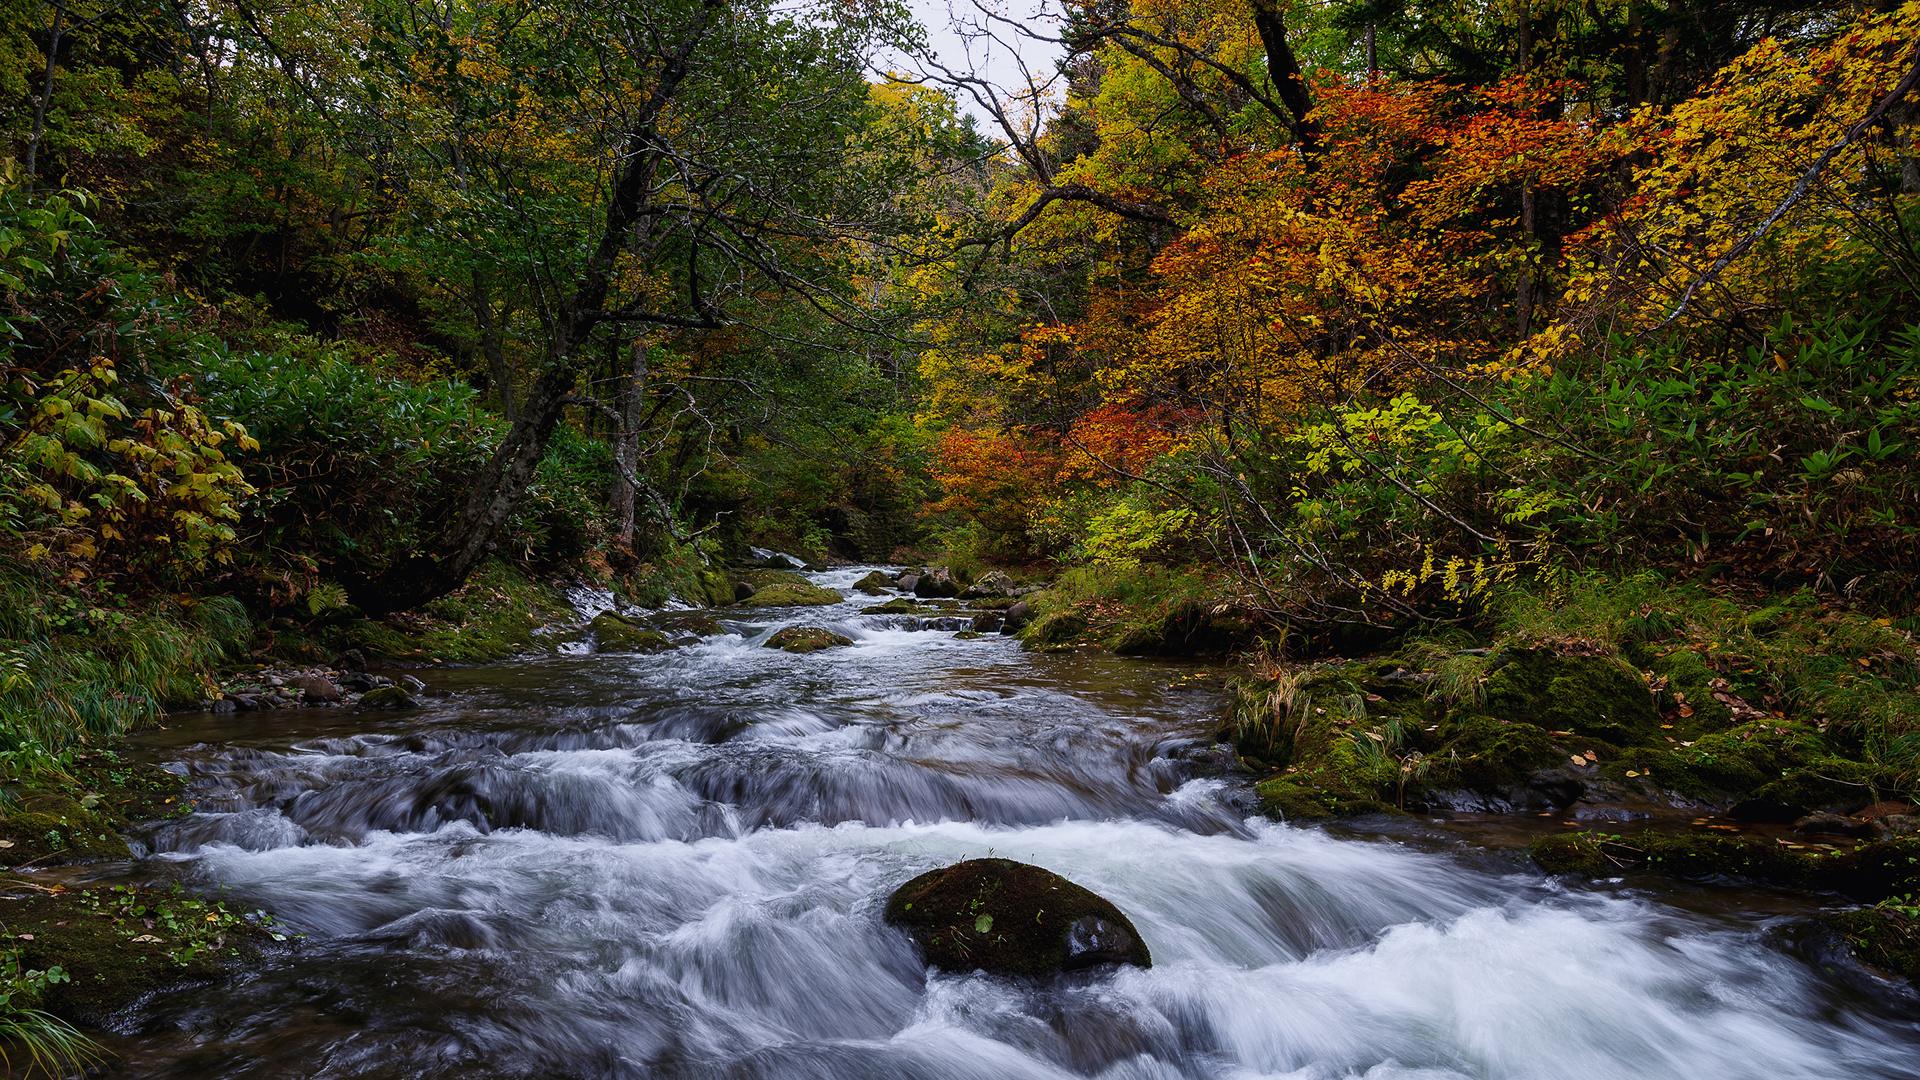 Япония, осень, лес, река, hokkaido, деревья, мох, природа